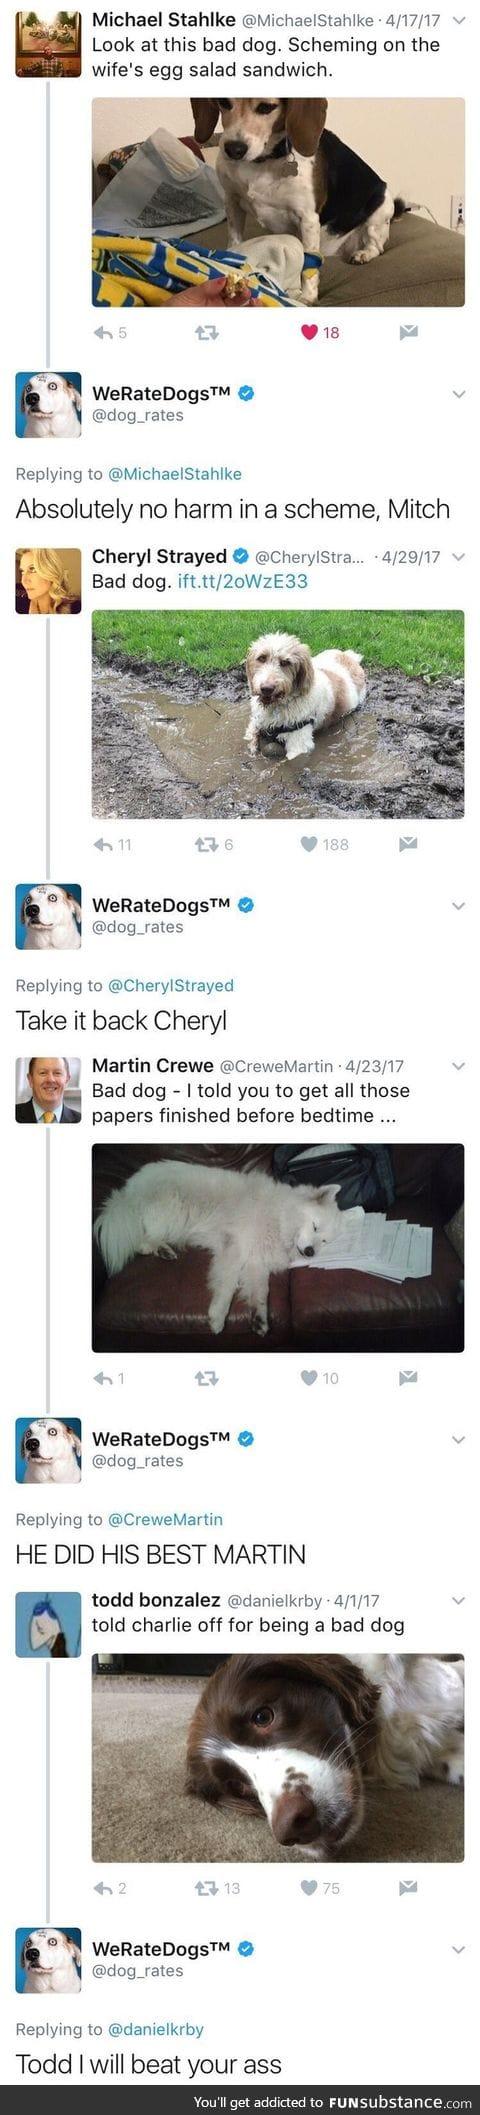 Dog defender